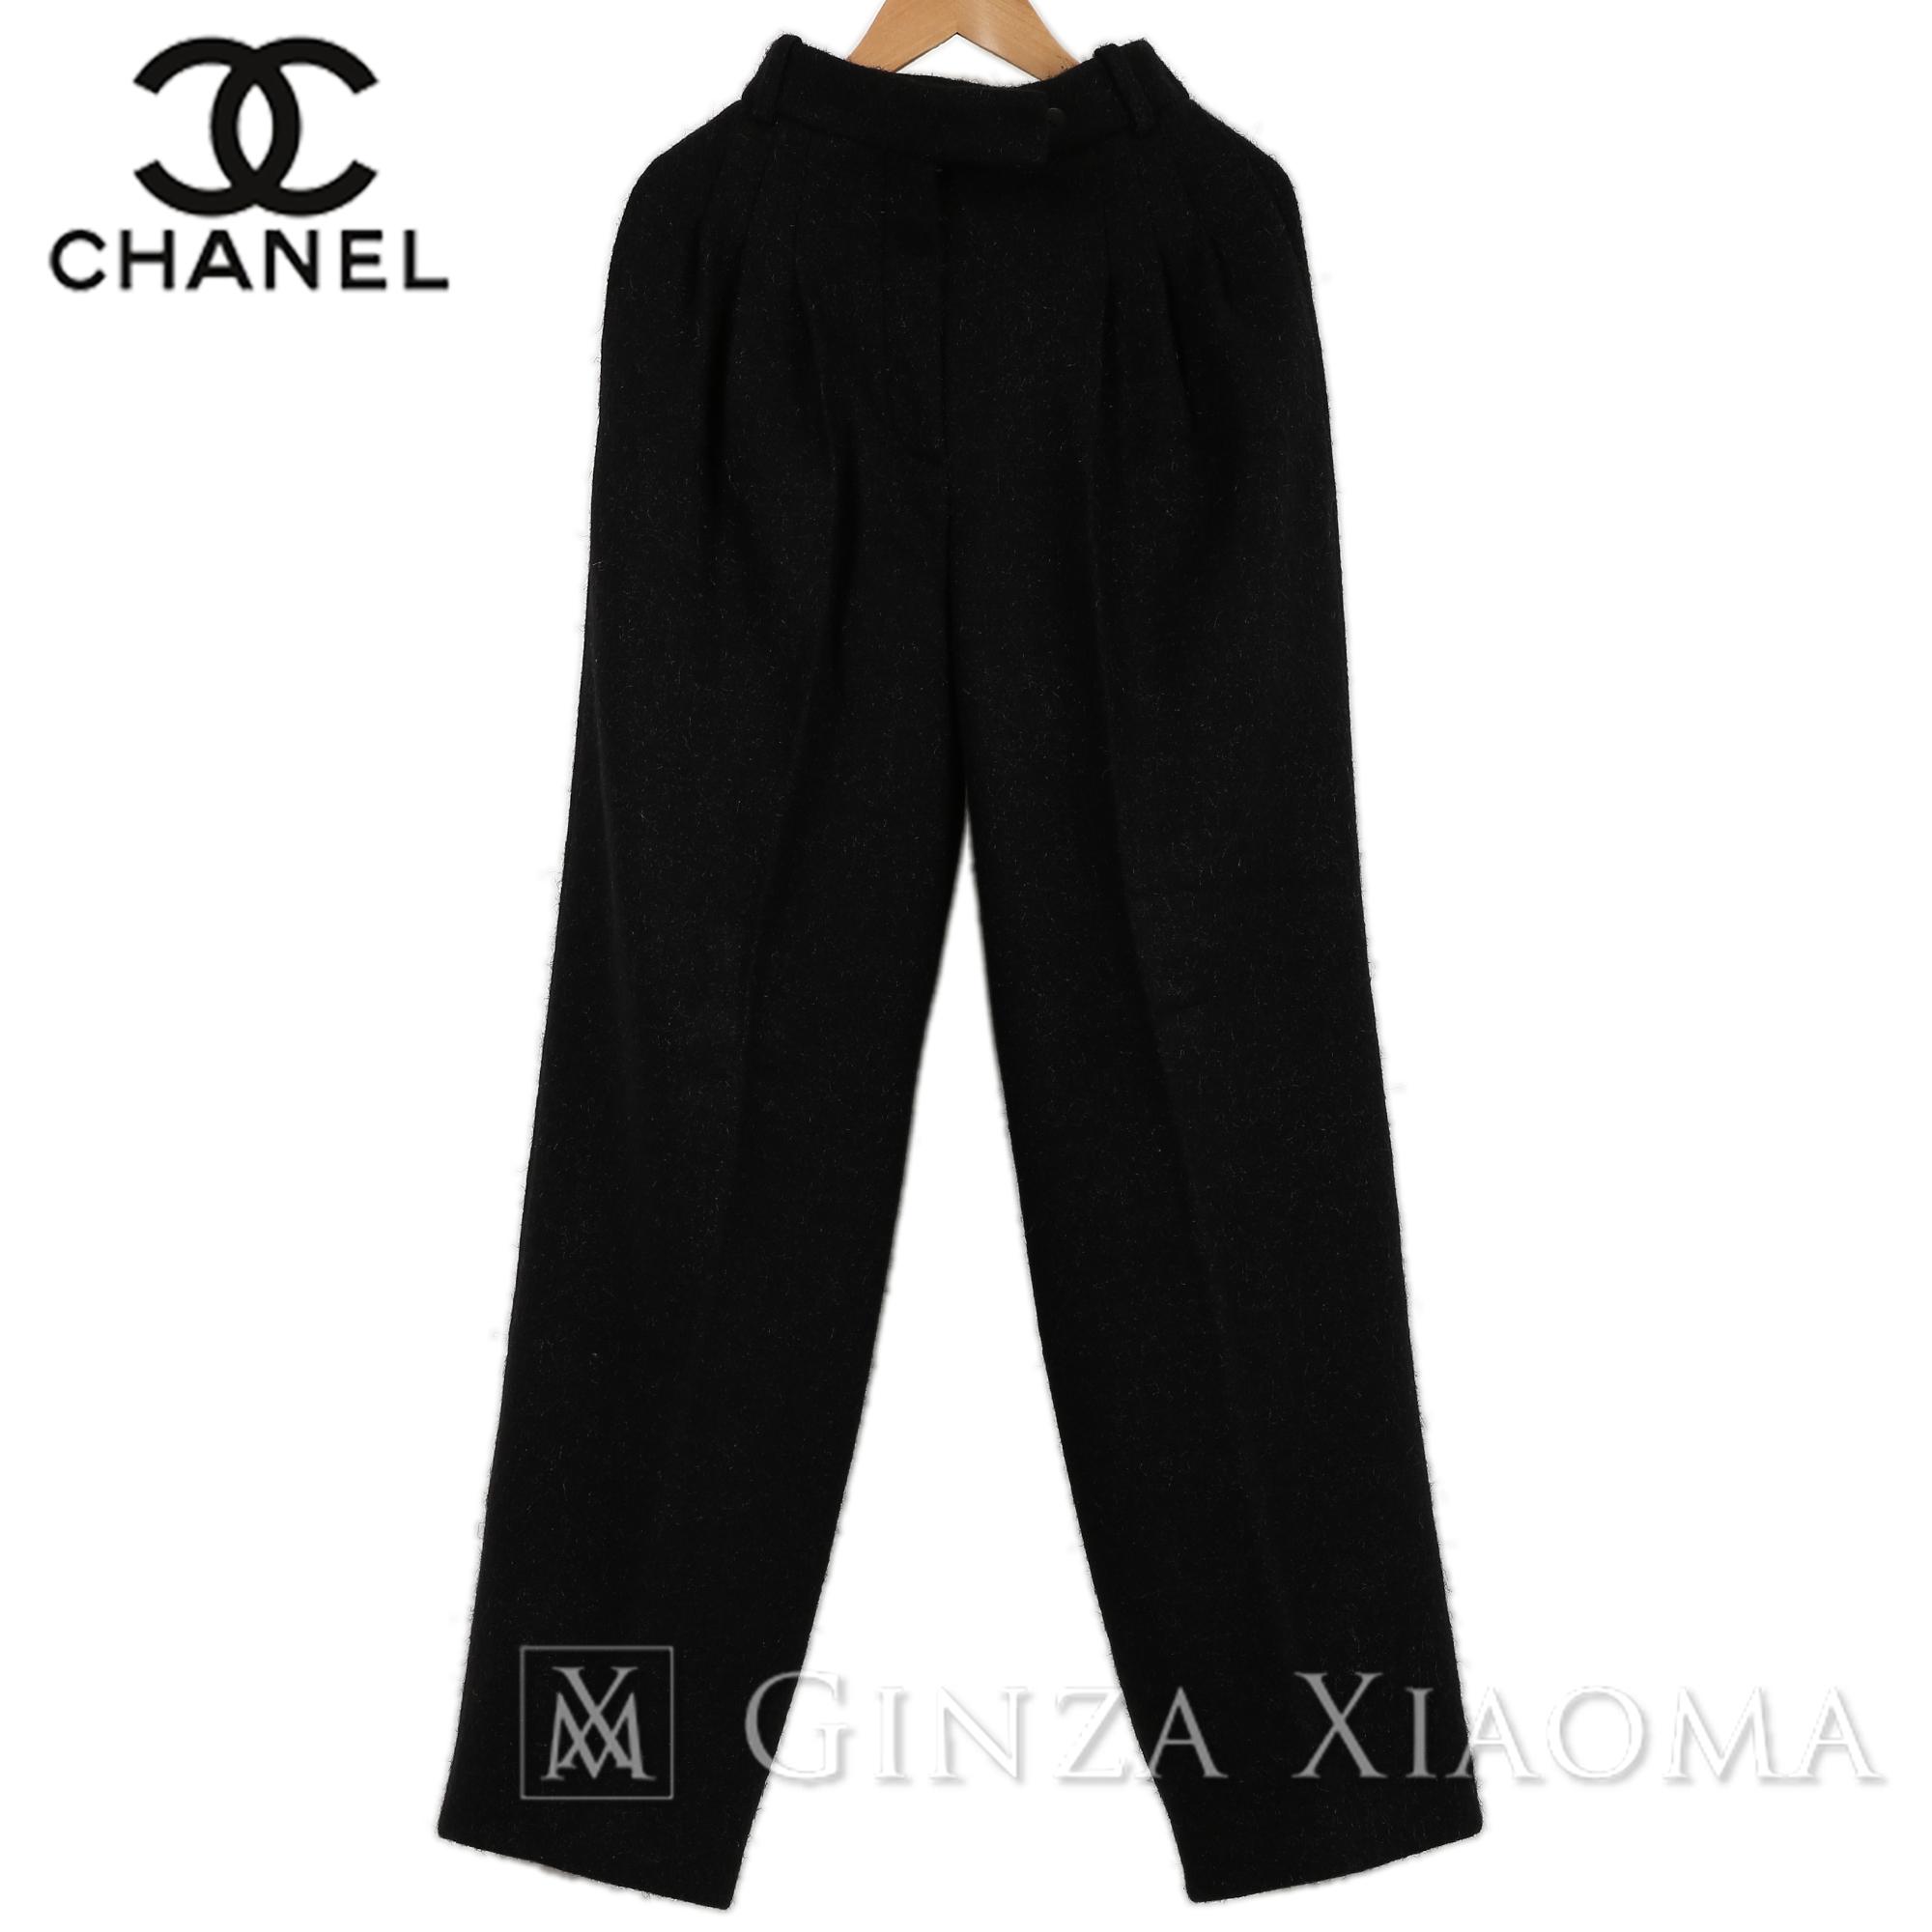 【未使用】CHANEL シャネル レディース パンツ スラックス ウール ブラック 黒 サイズ34 中古